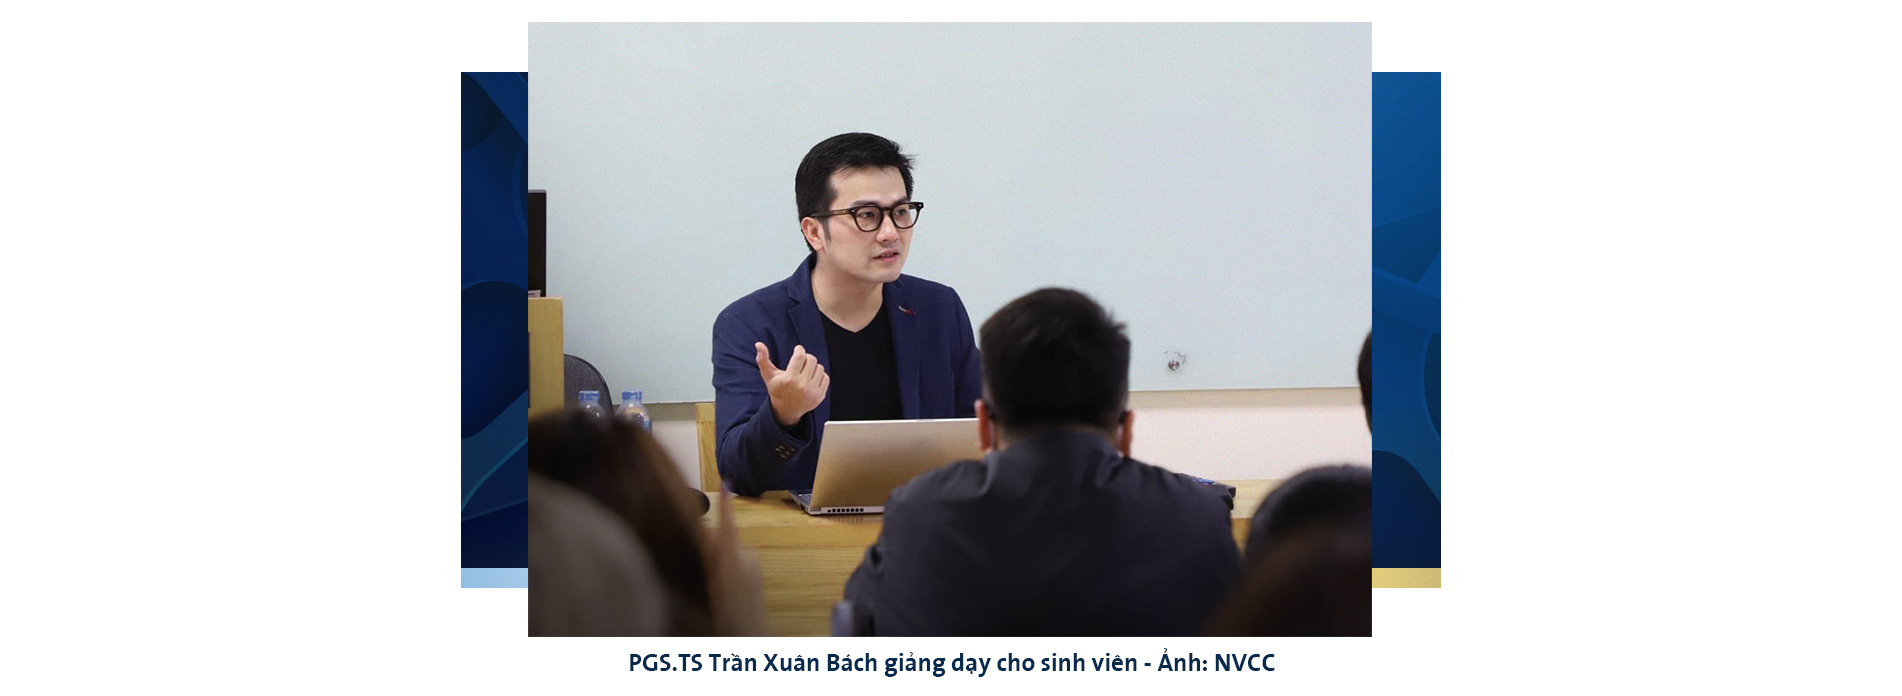 PGS Trần Xuân Bách: Làm khoa học như leo lên đỉnh núi mù sương - Ảnh 3.